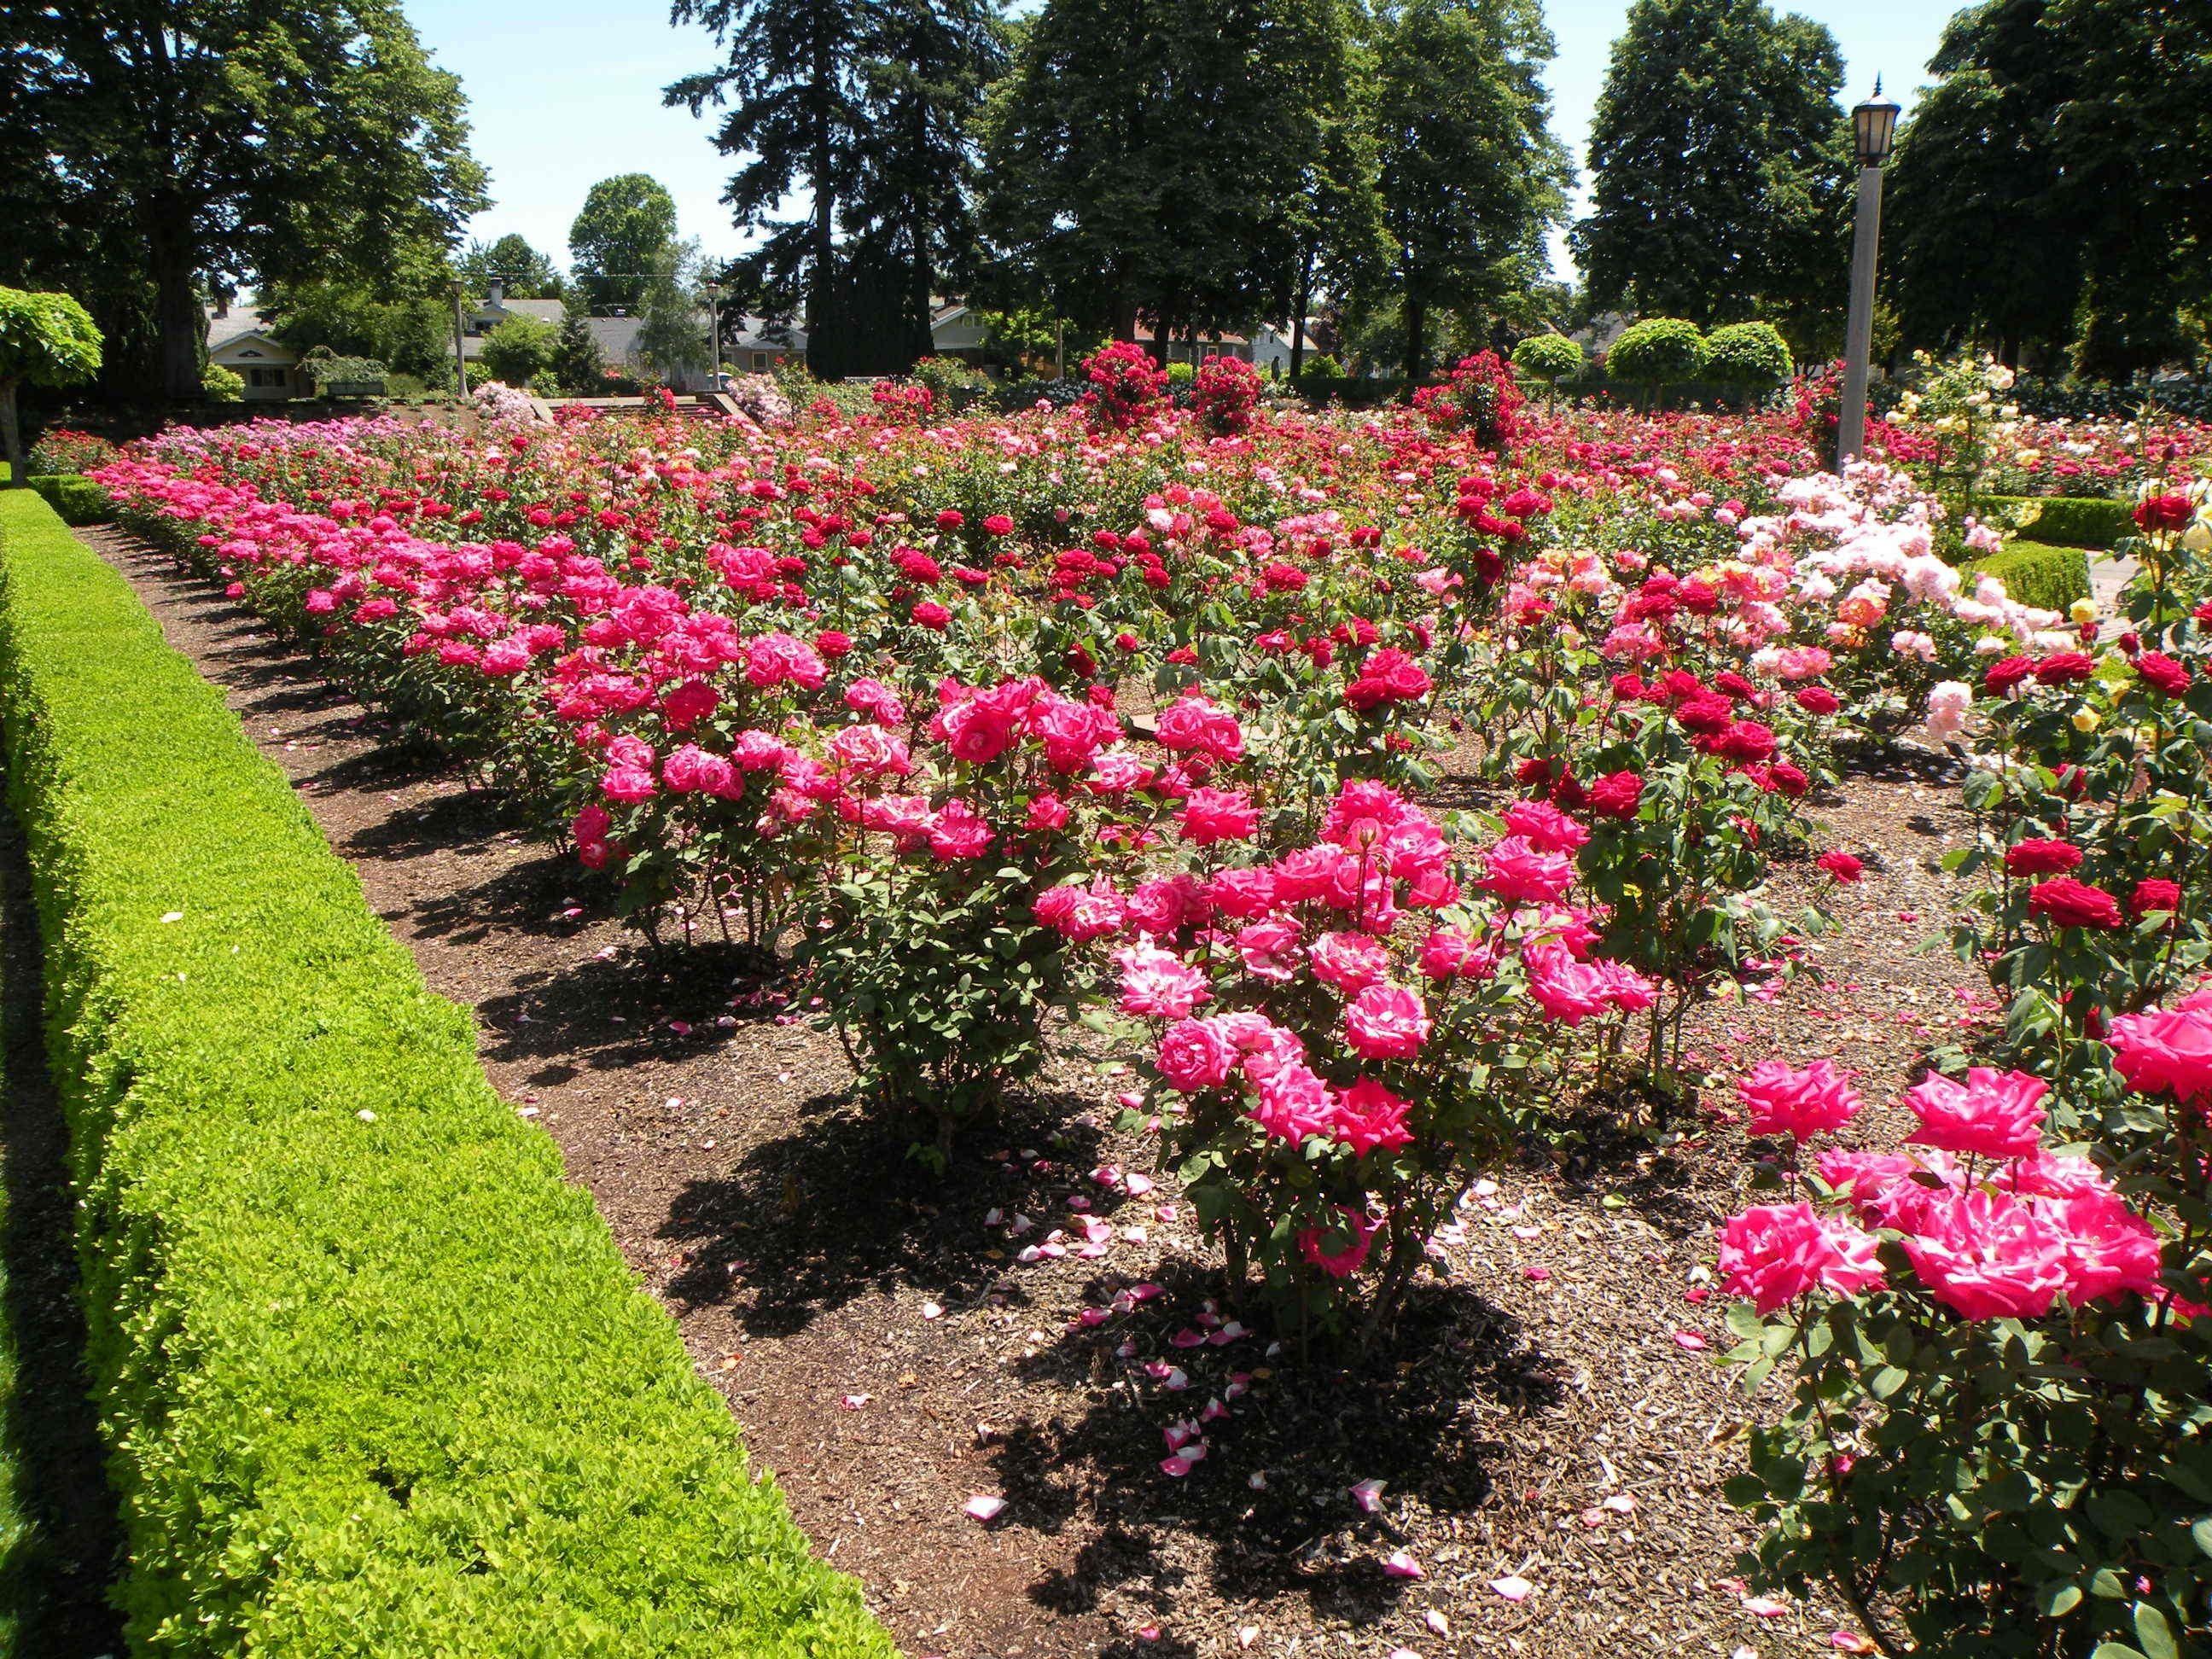 Beautiful Rose Garden Wallpaper rose garden wallpaper backgrounds hd - rose garden category